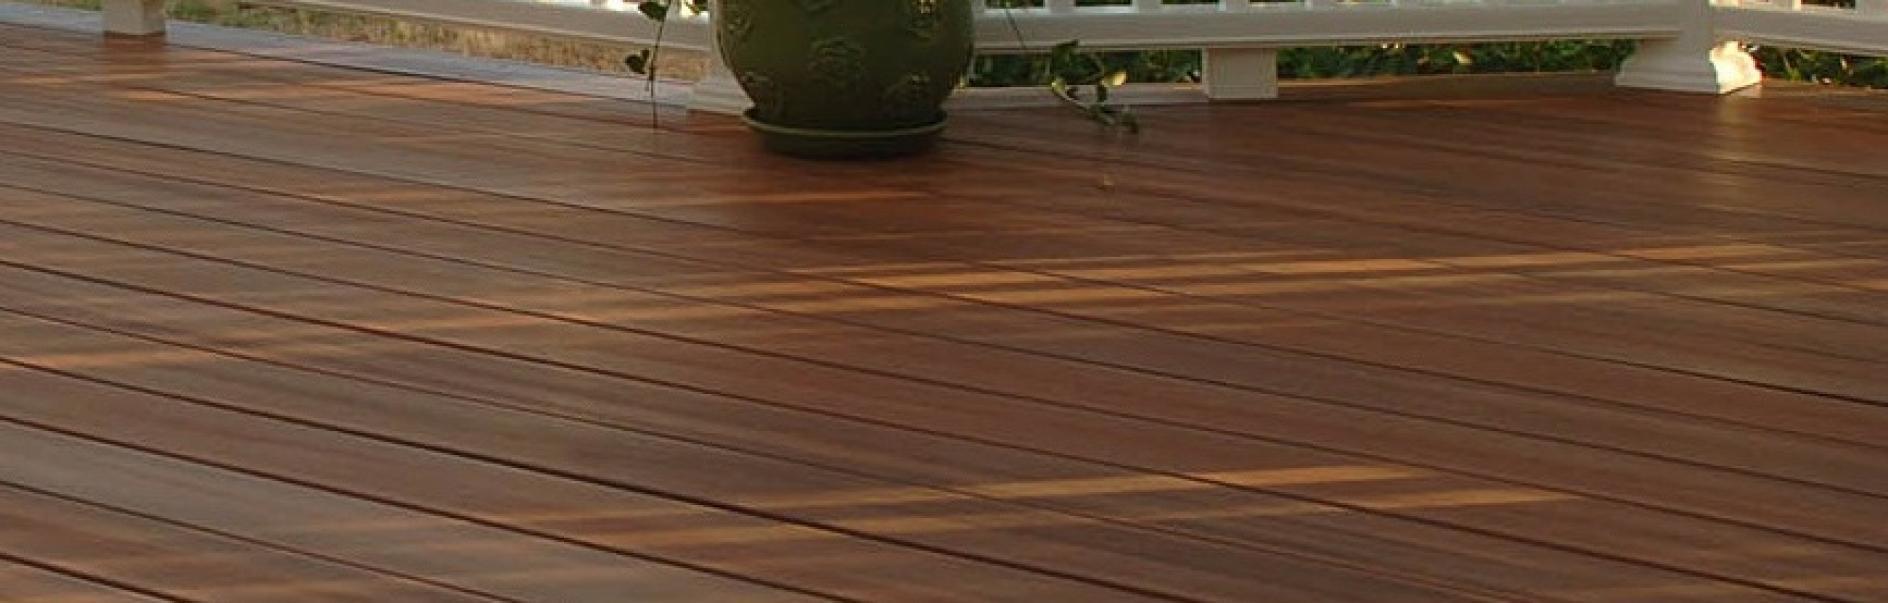 Construire Terrasse En Bois construire une terrasse en bois